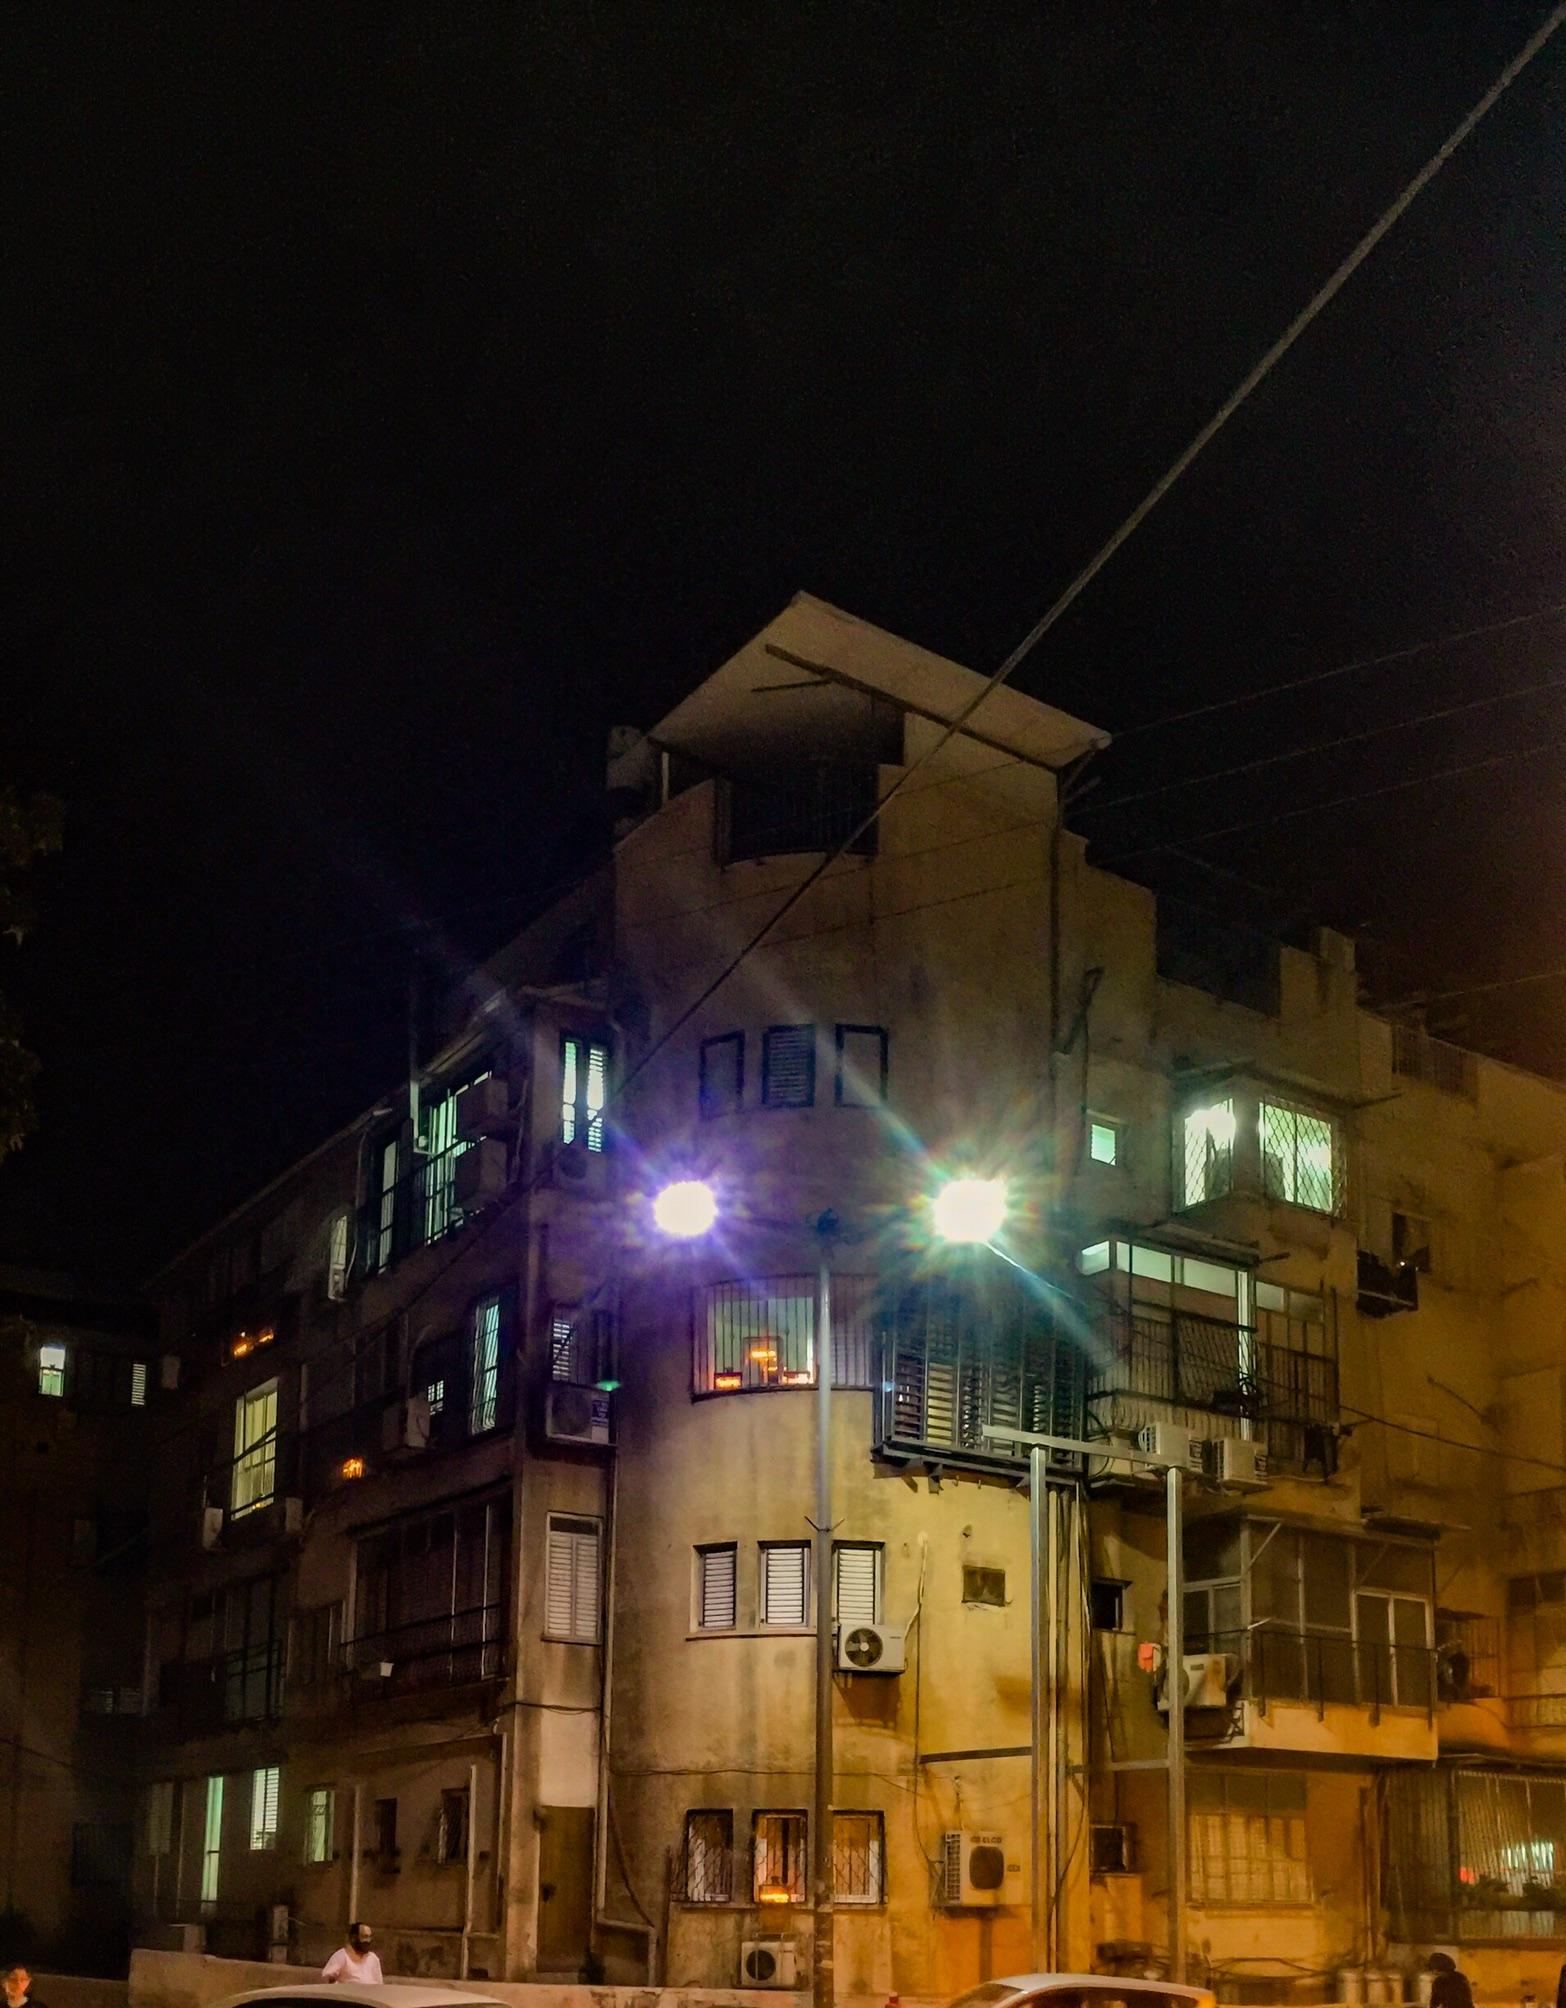 Проститутки почасовая оплата Болотная ул. интим станция метро Спасская спб